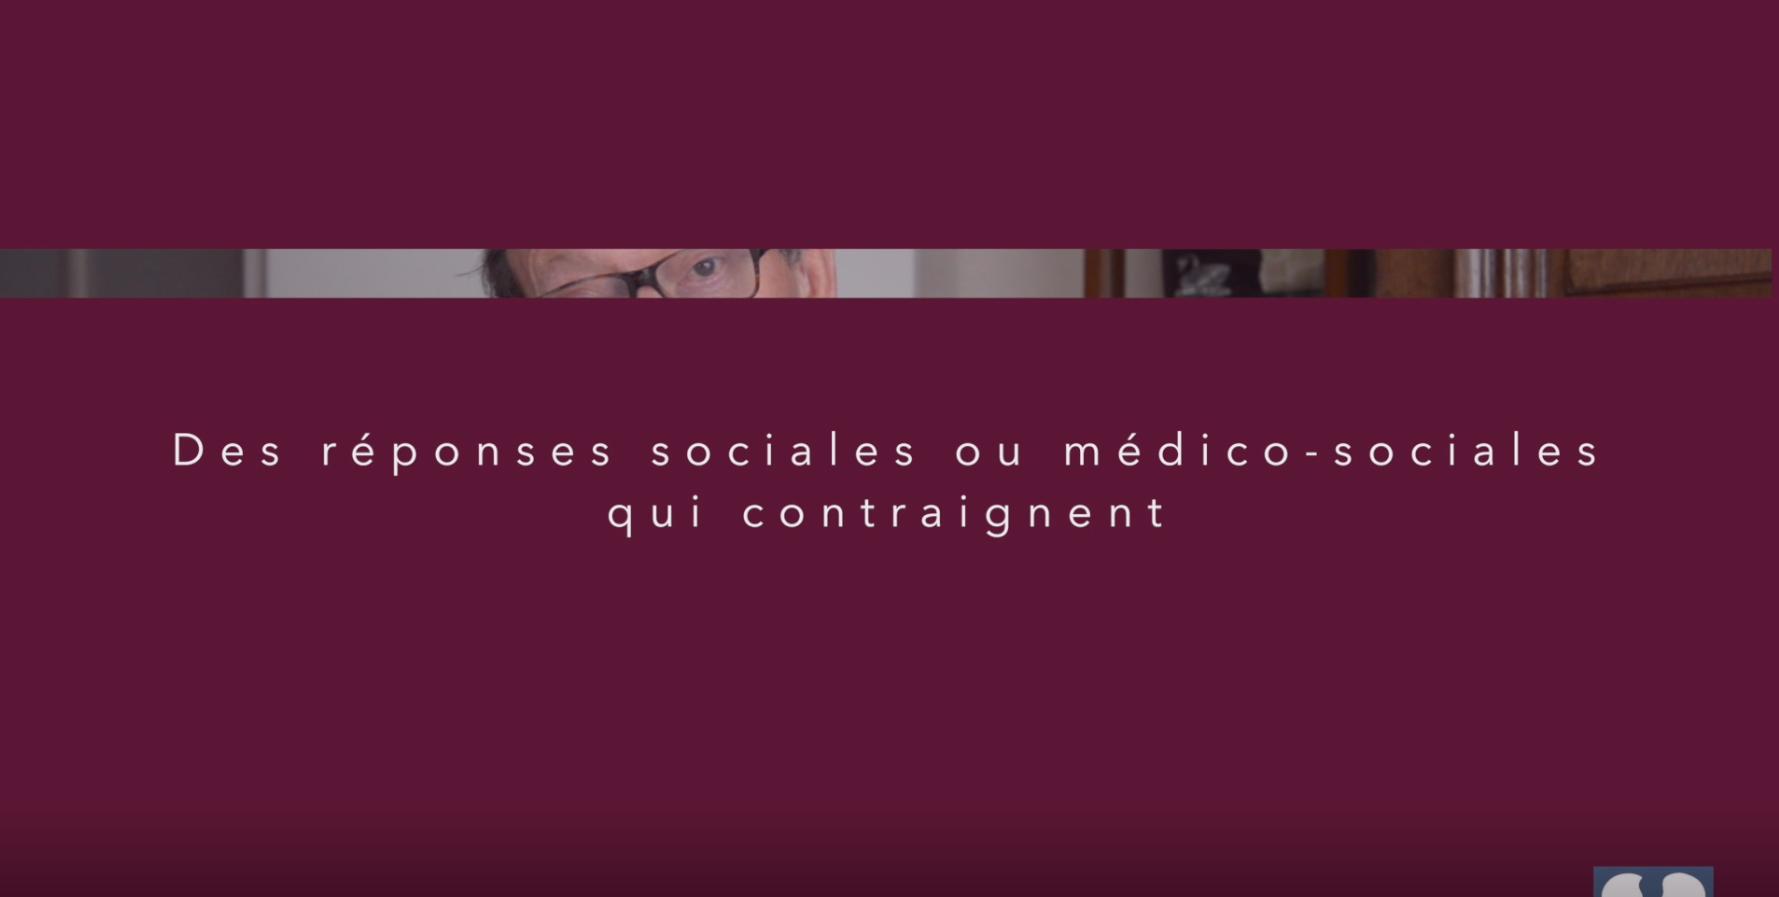 Des réponses médico-sociales